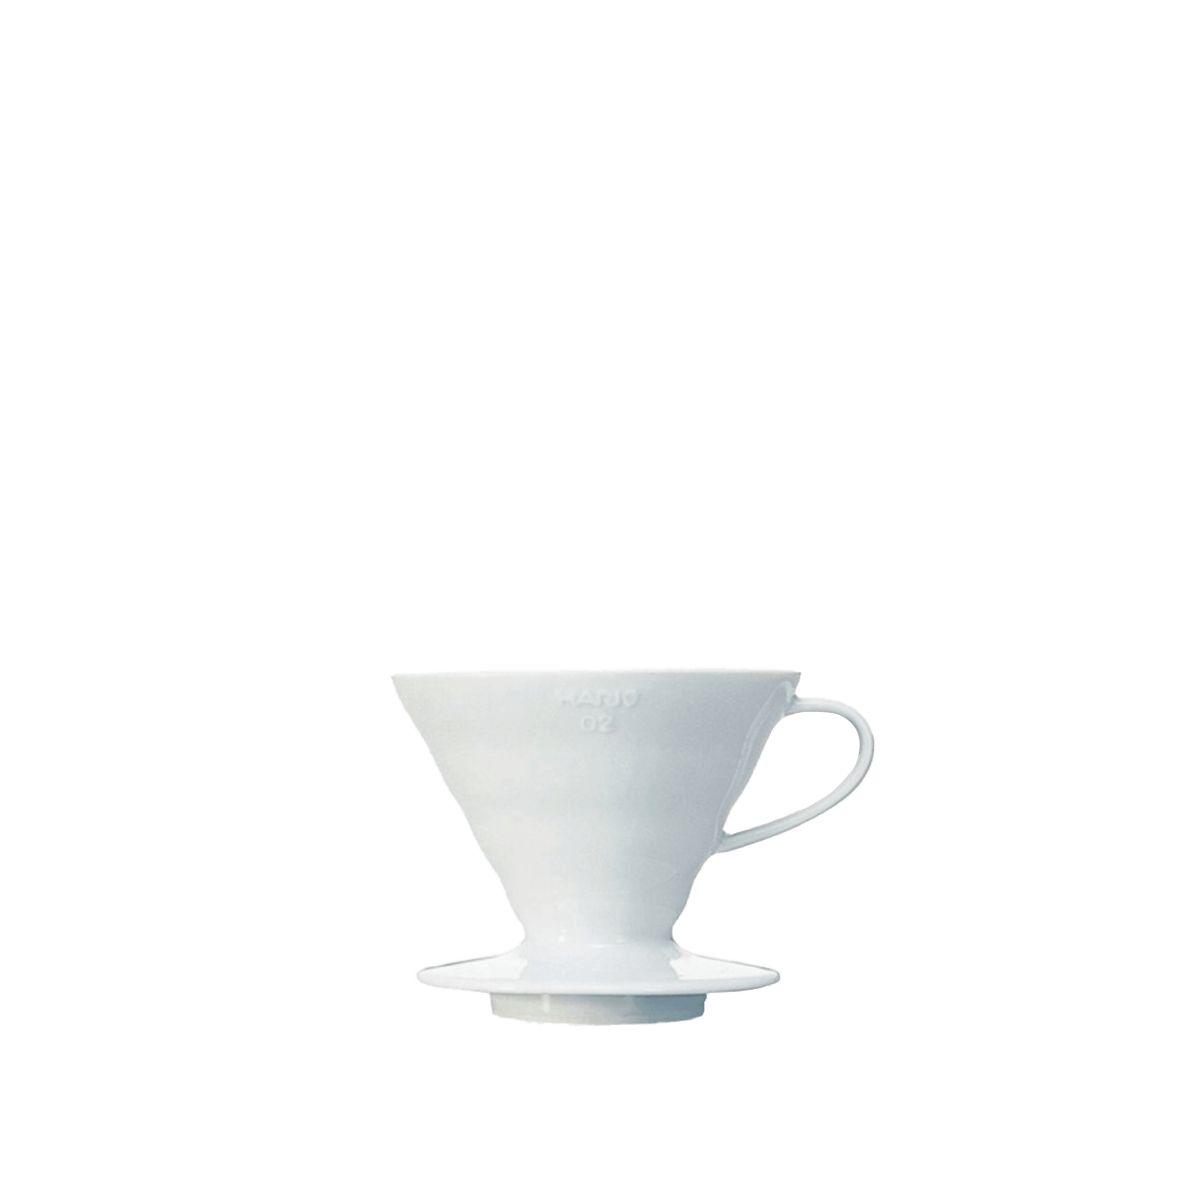 V60 dripper Hario porcelaine [3/4 tasses] - Blanc